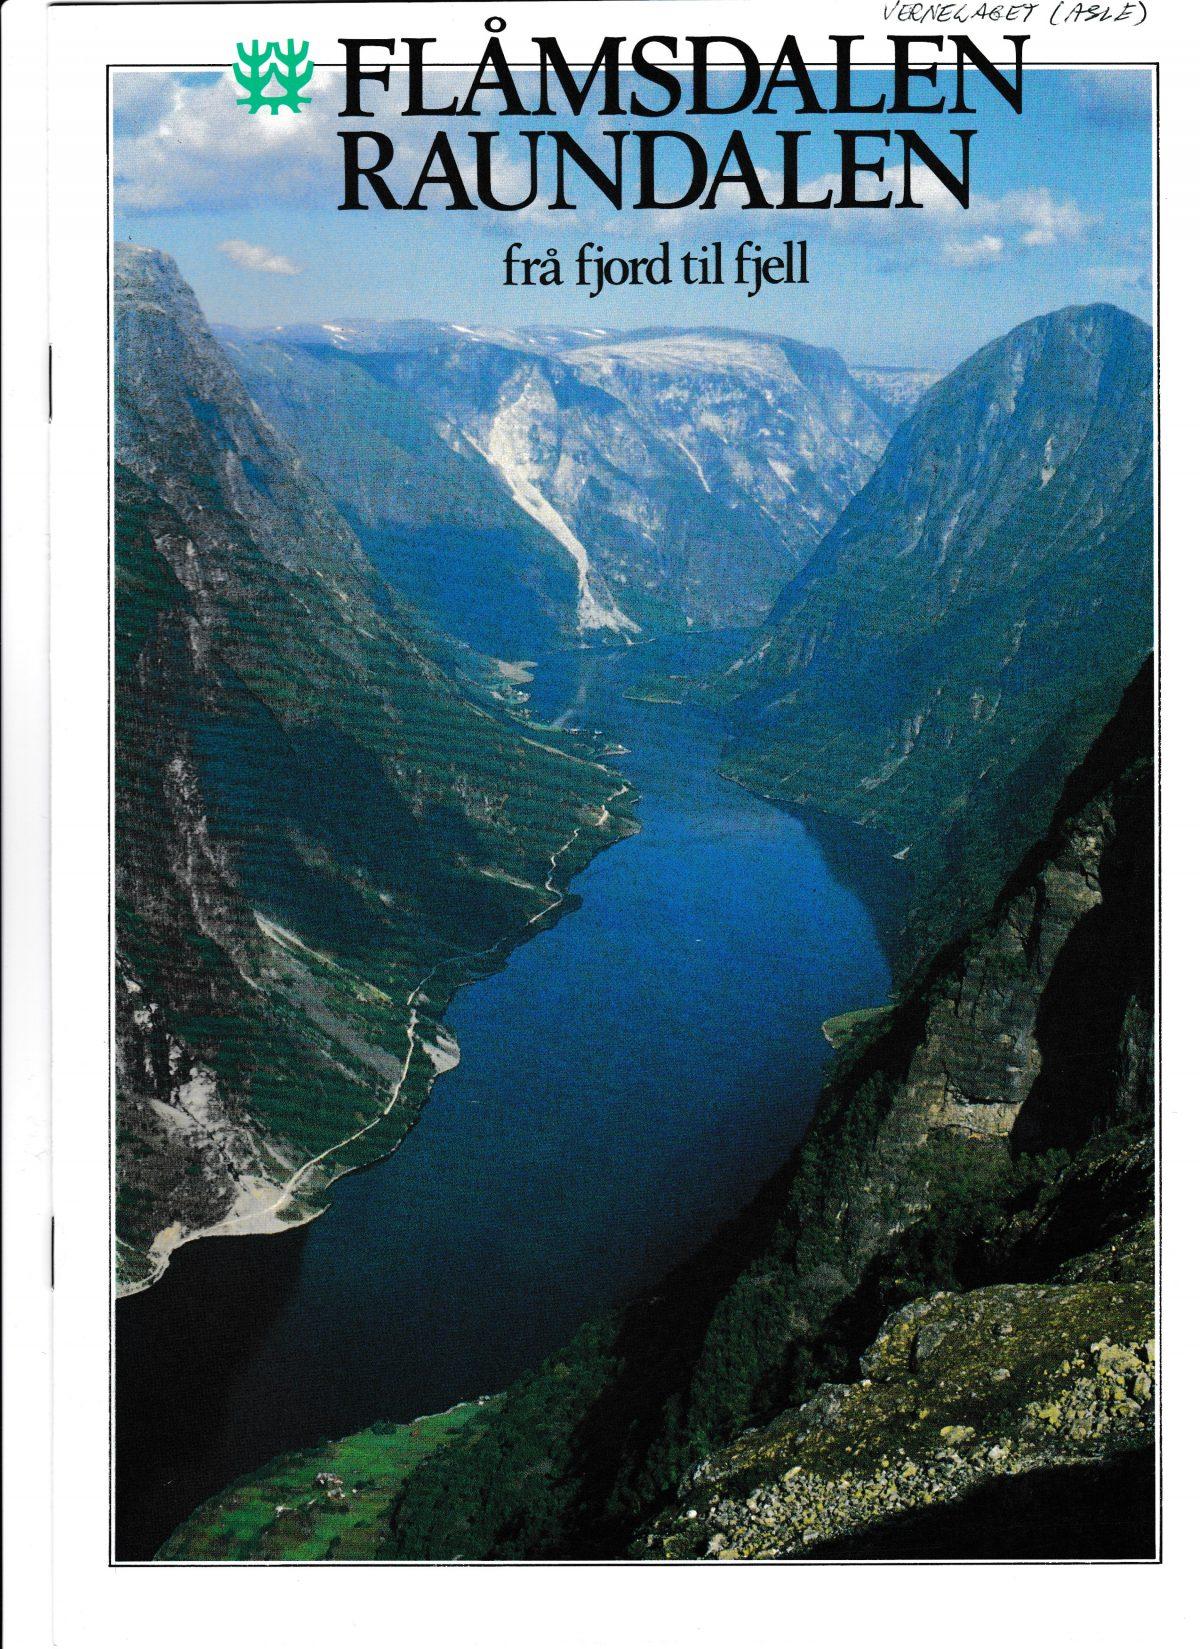 Flåmsdalen Raundalen frå fjord til fjell